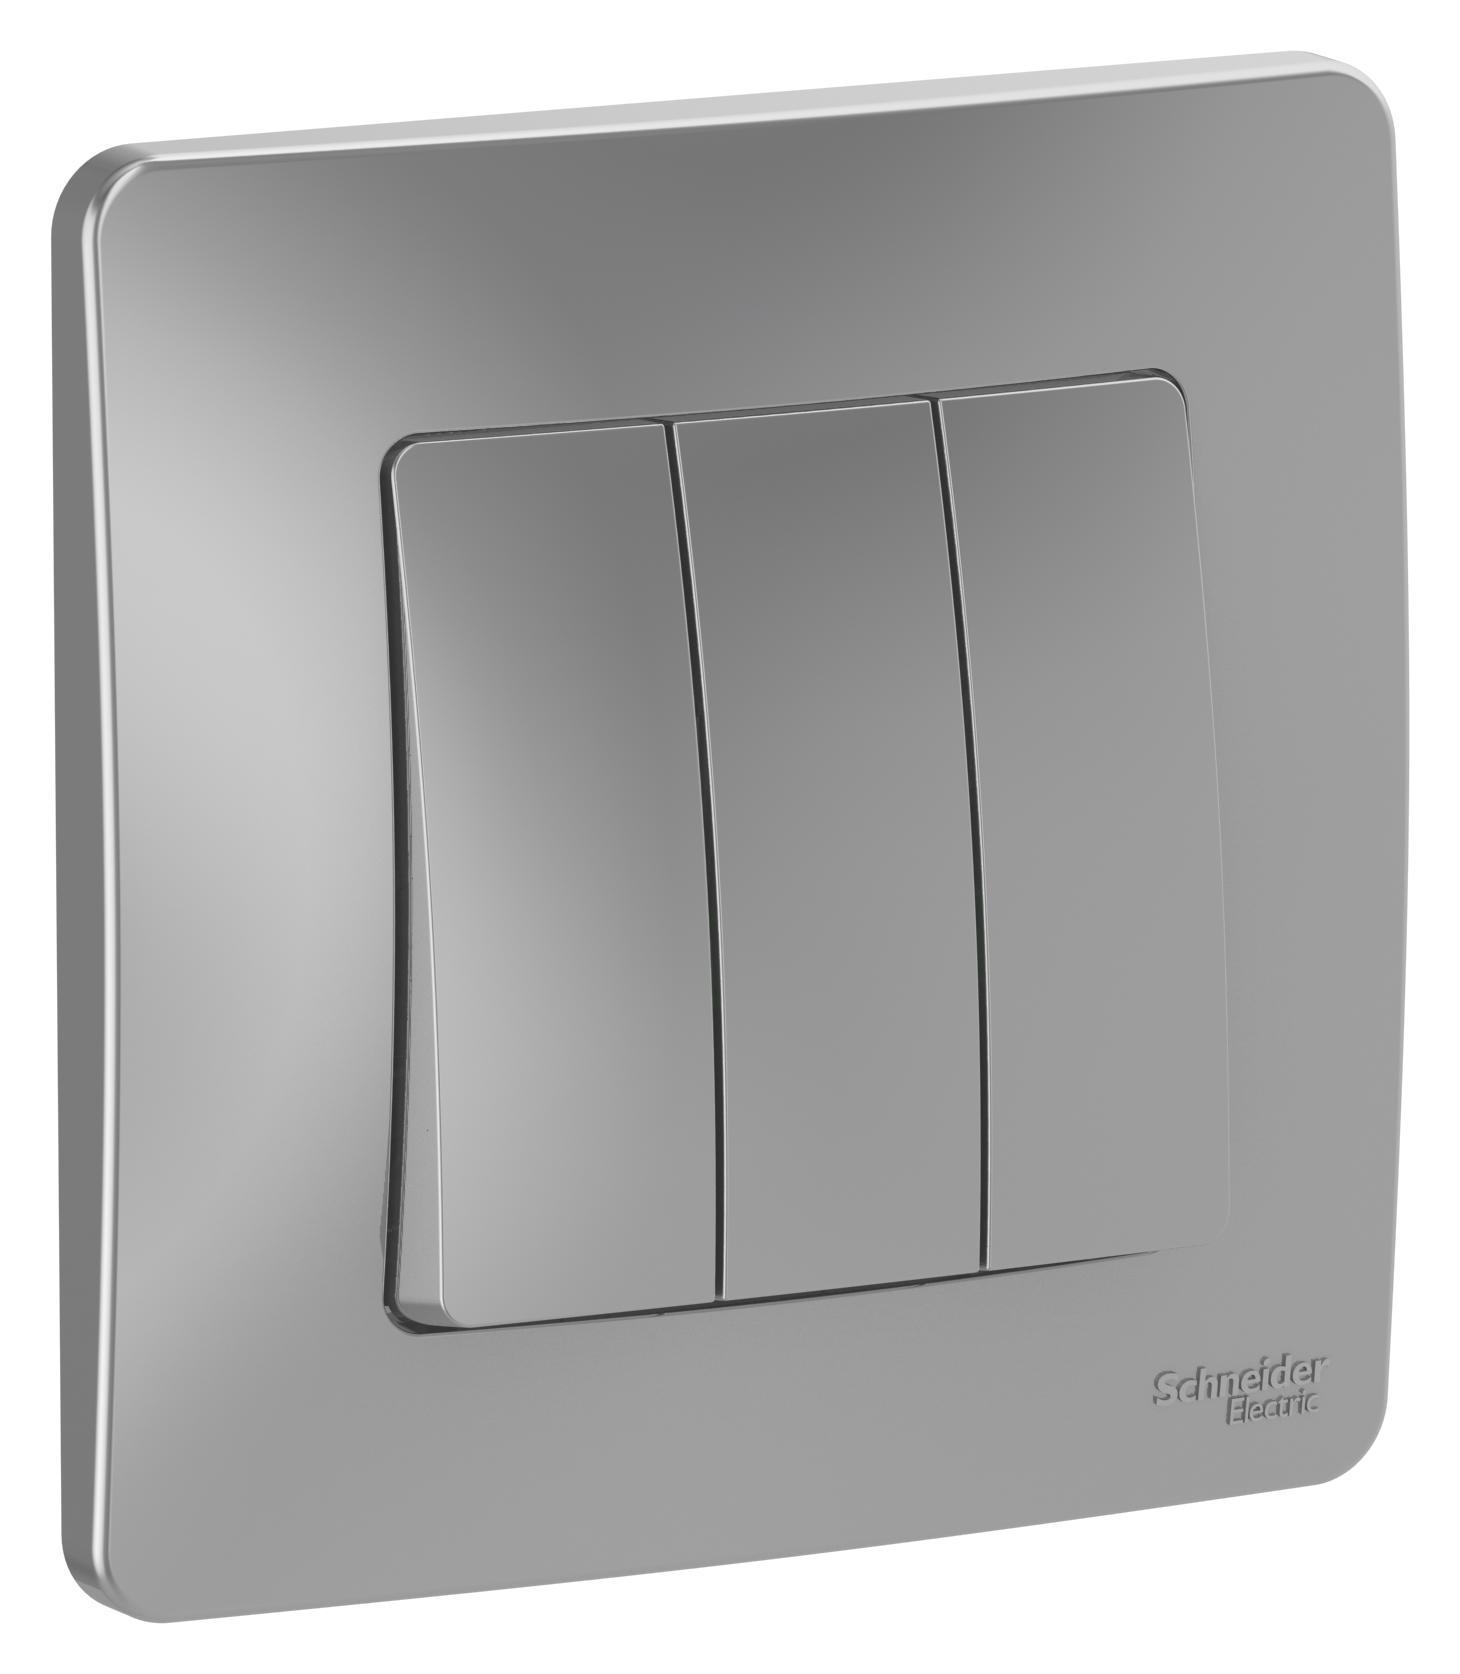 Выключатель Schneider electric Blnvs100503 blanca выключатель schneider electric blnva105014 blanca